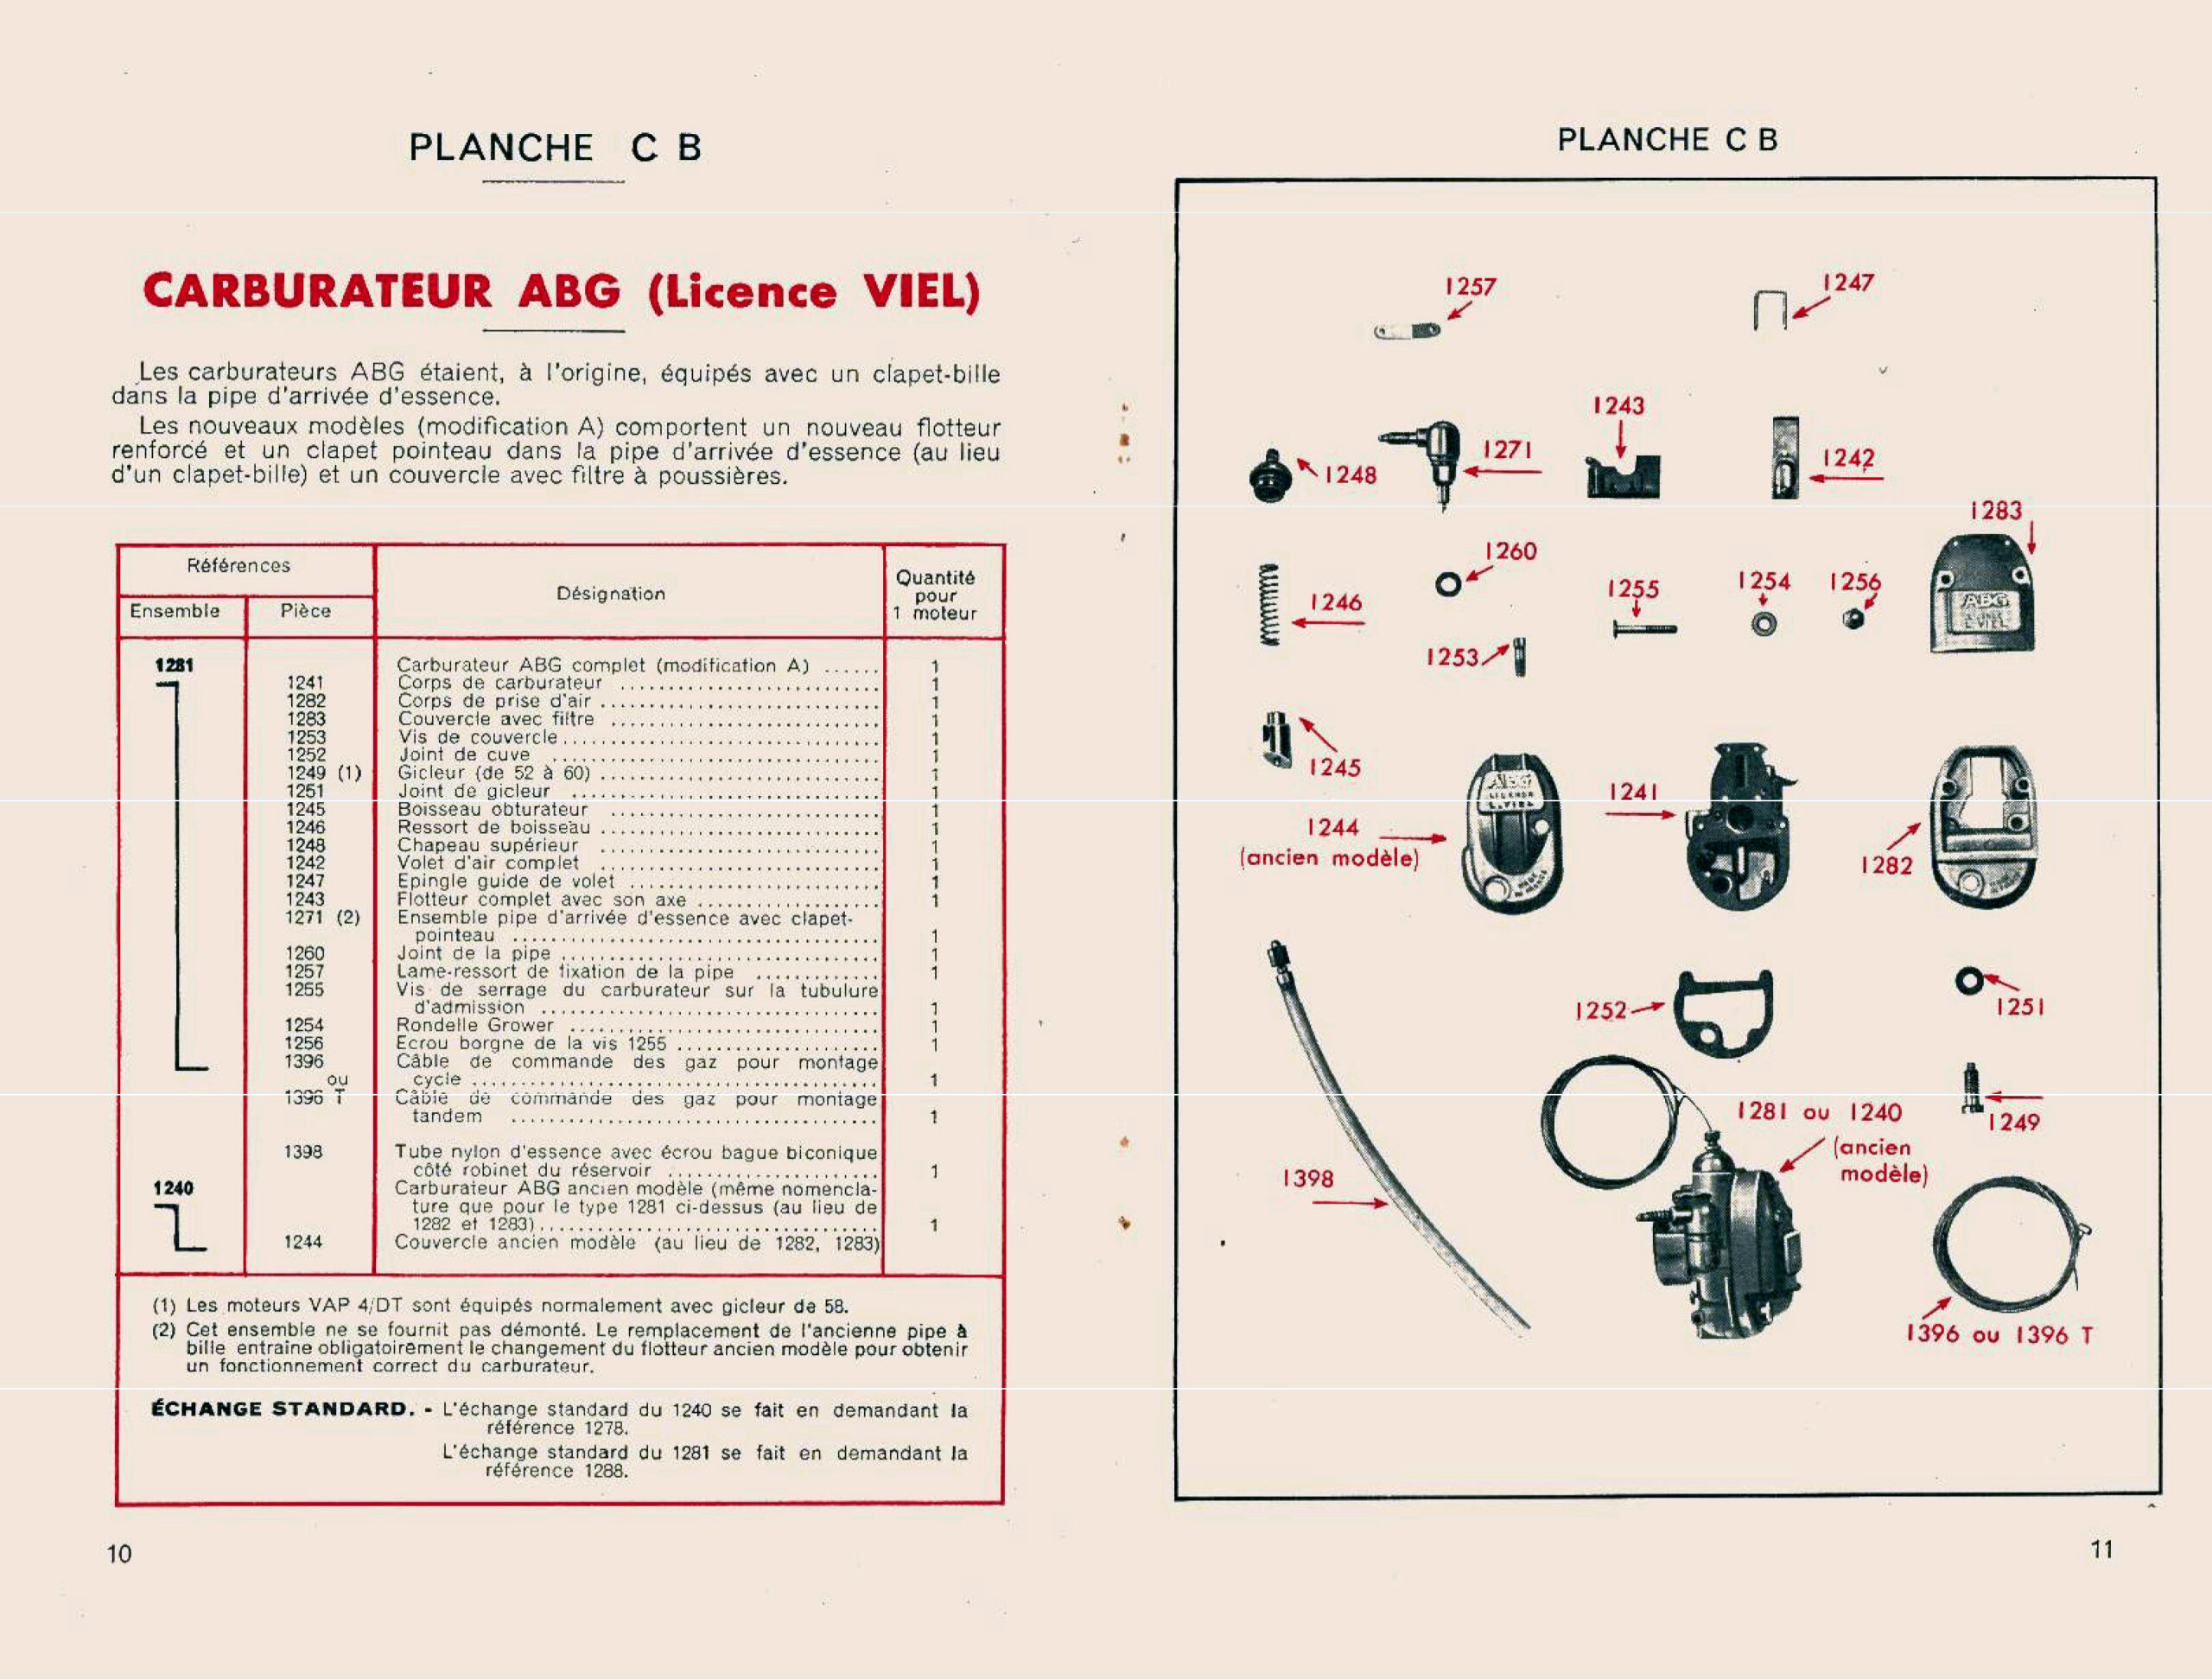 recherche carbu  pour un cyclomoteur Hurthu  A00321